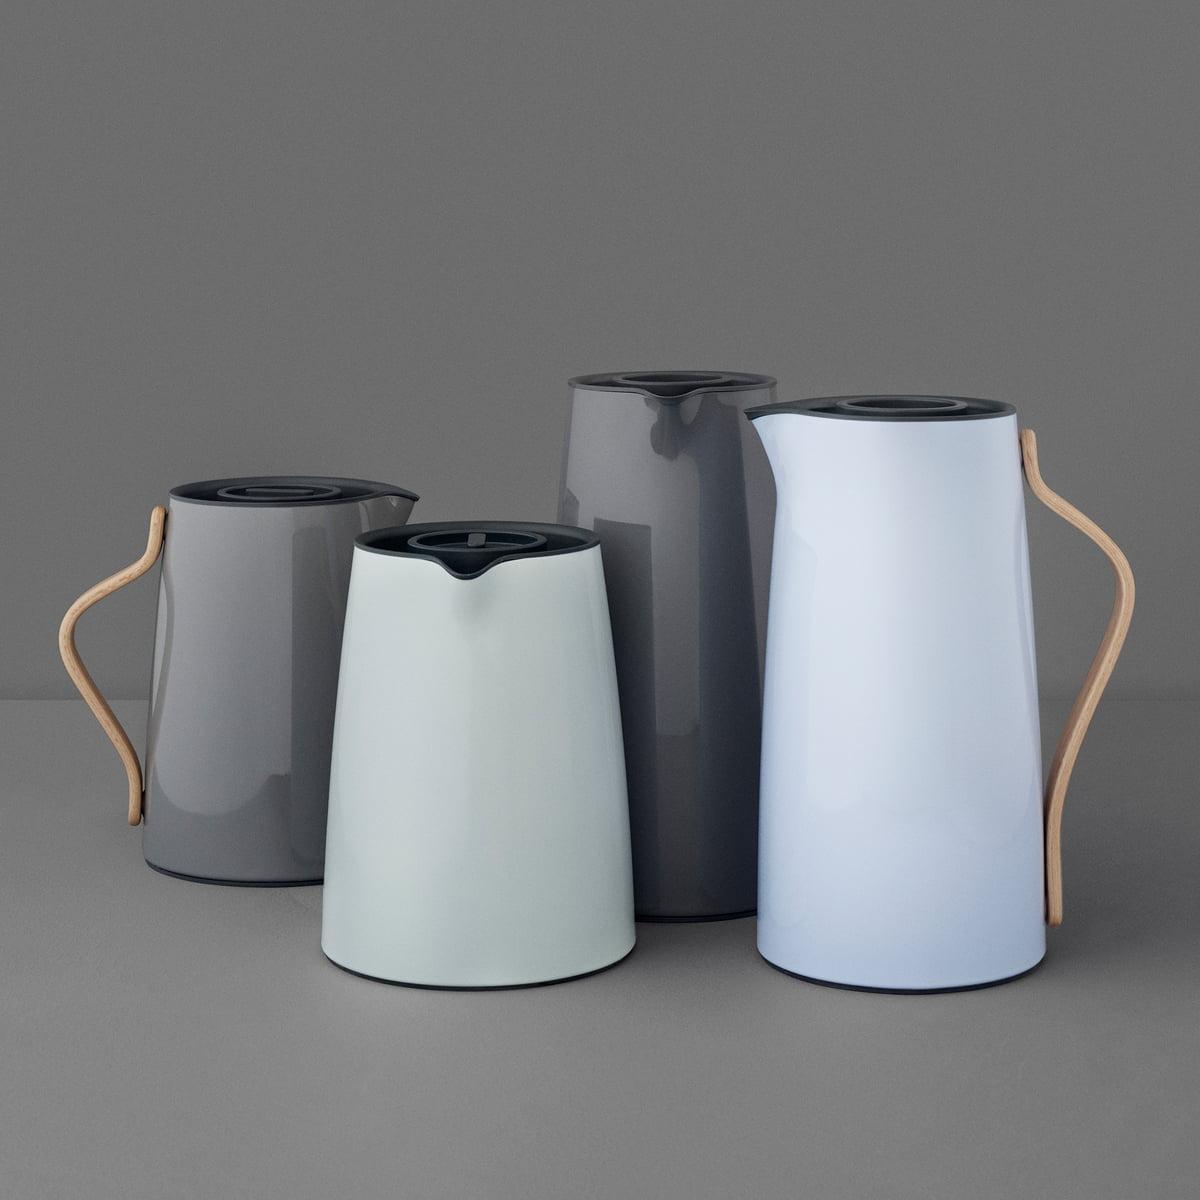 Thermoskanne Design   Emma Tee Isolierkanne Von Stelton Connox